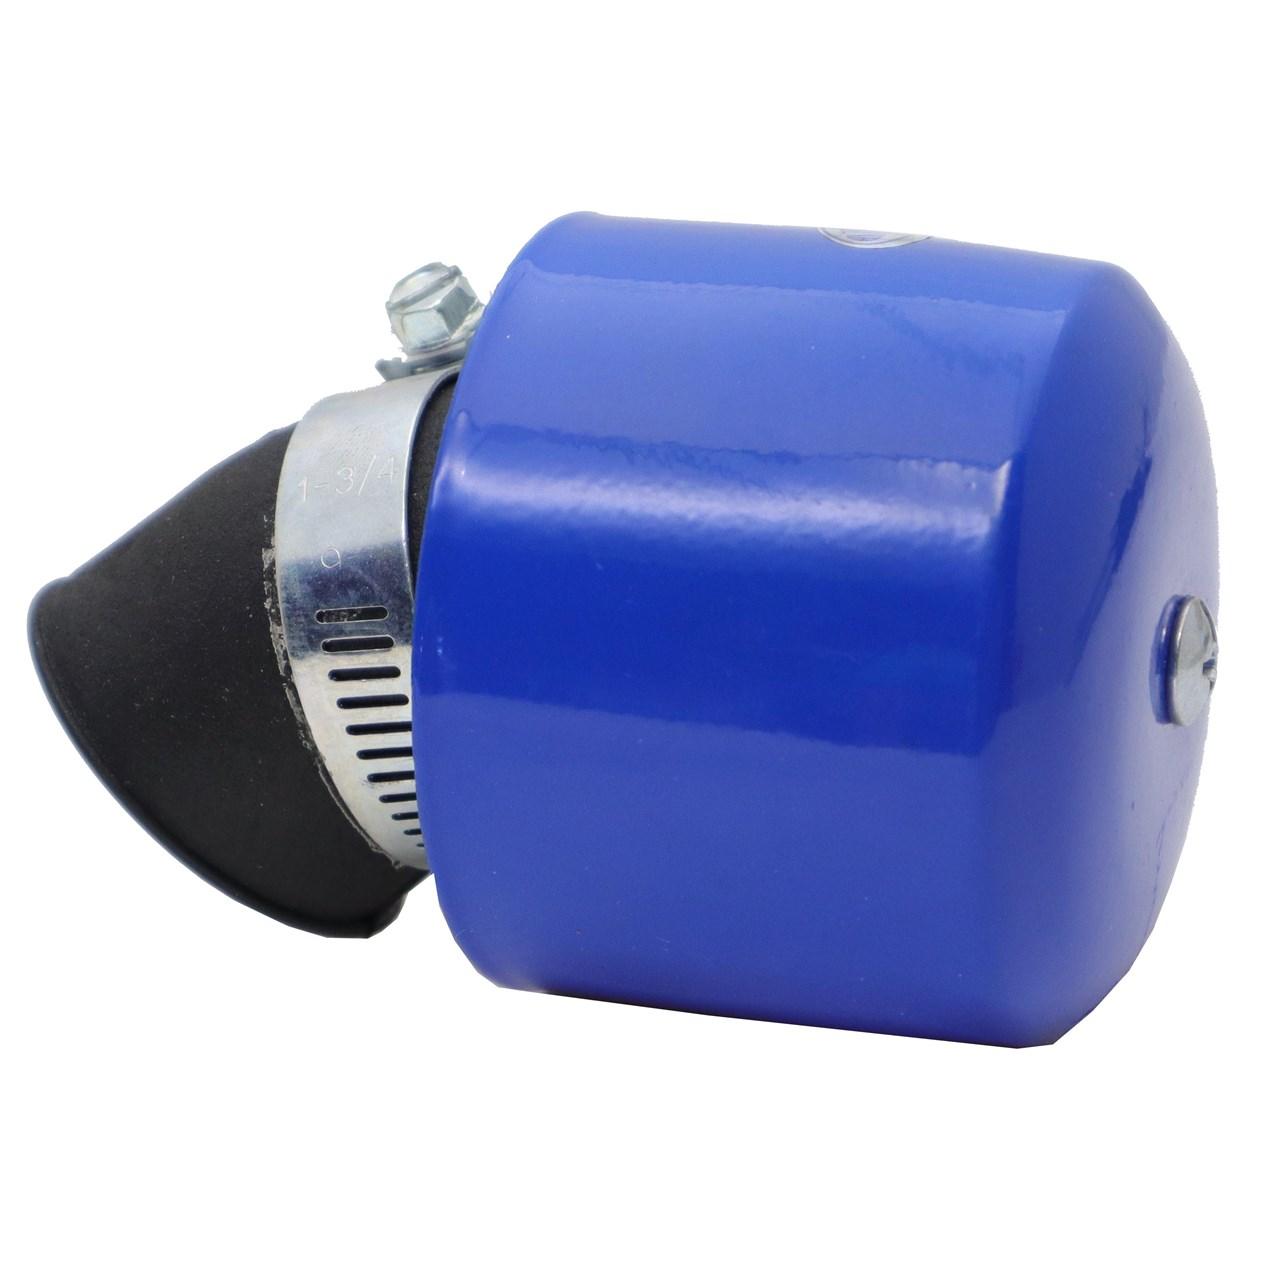 パワーフィルター BLUE 青 アークタイプ<br>35パイ【B級品】